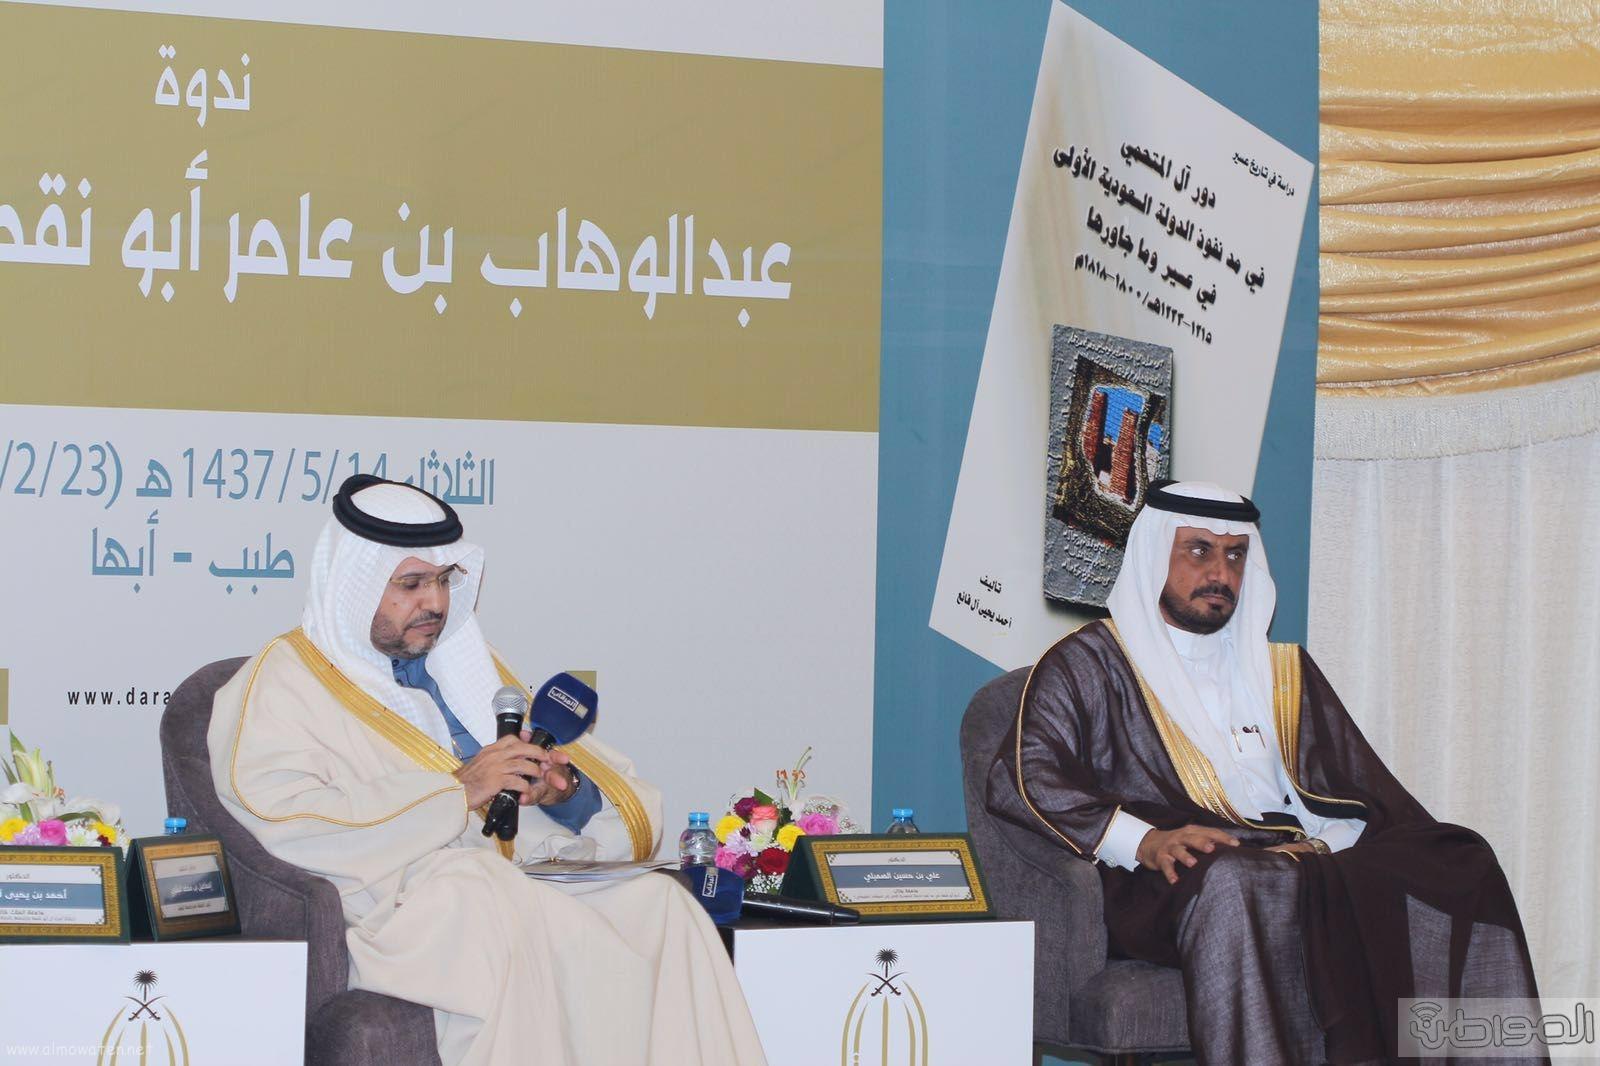 اعلام السعودية توثق سيرة المتحمي وكرم اسرته (3)